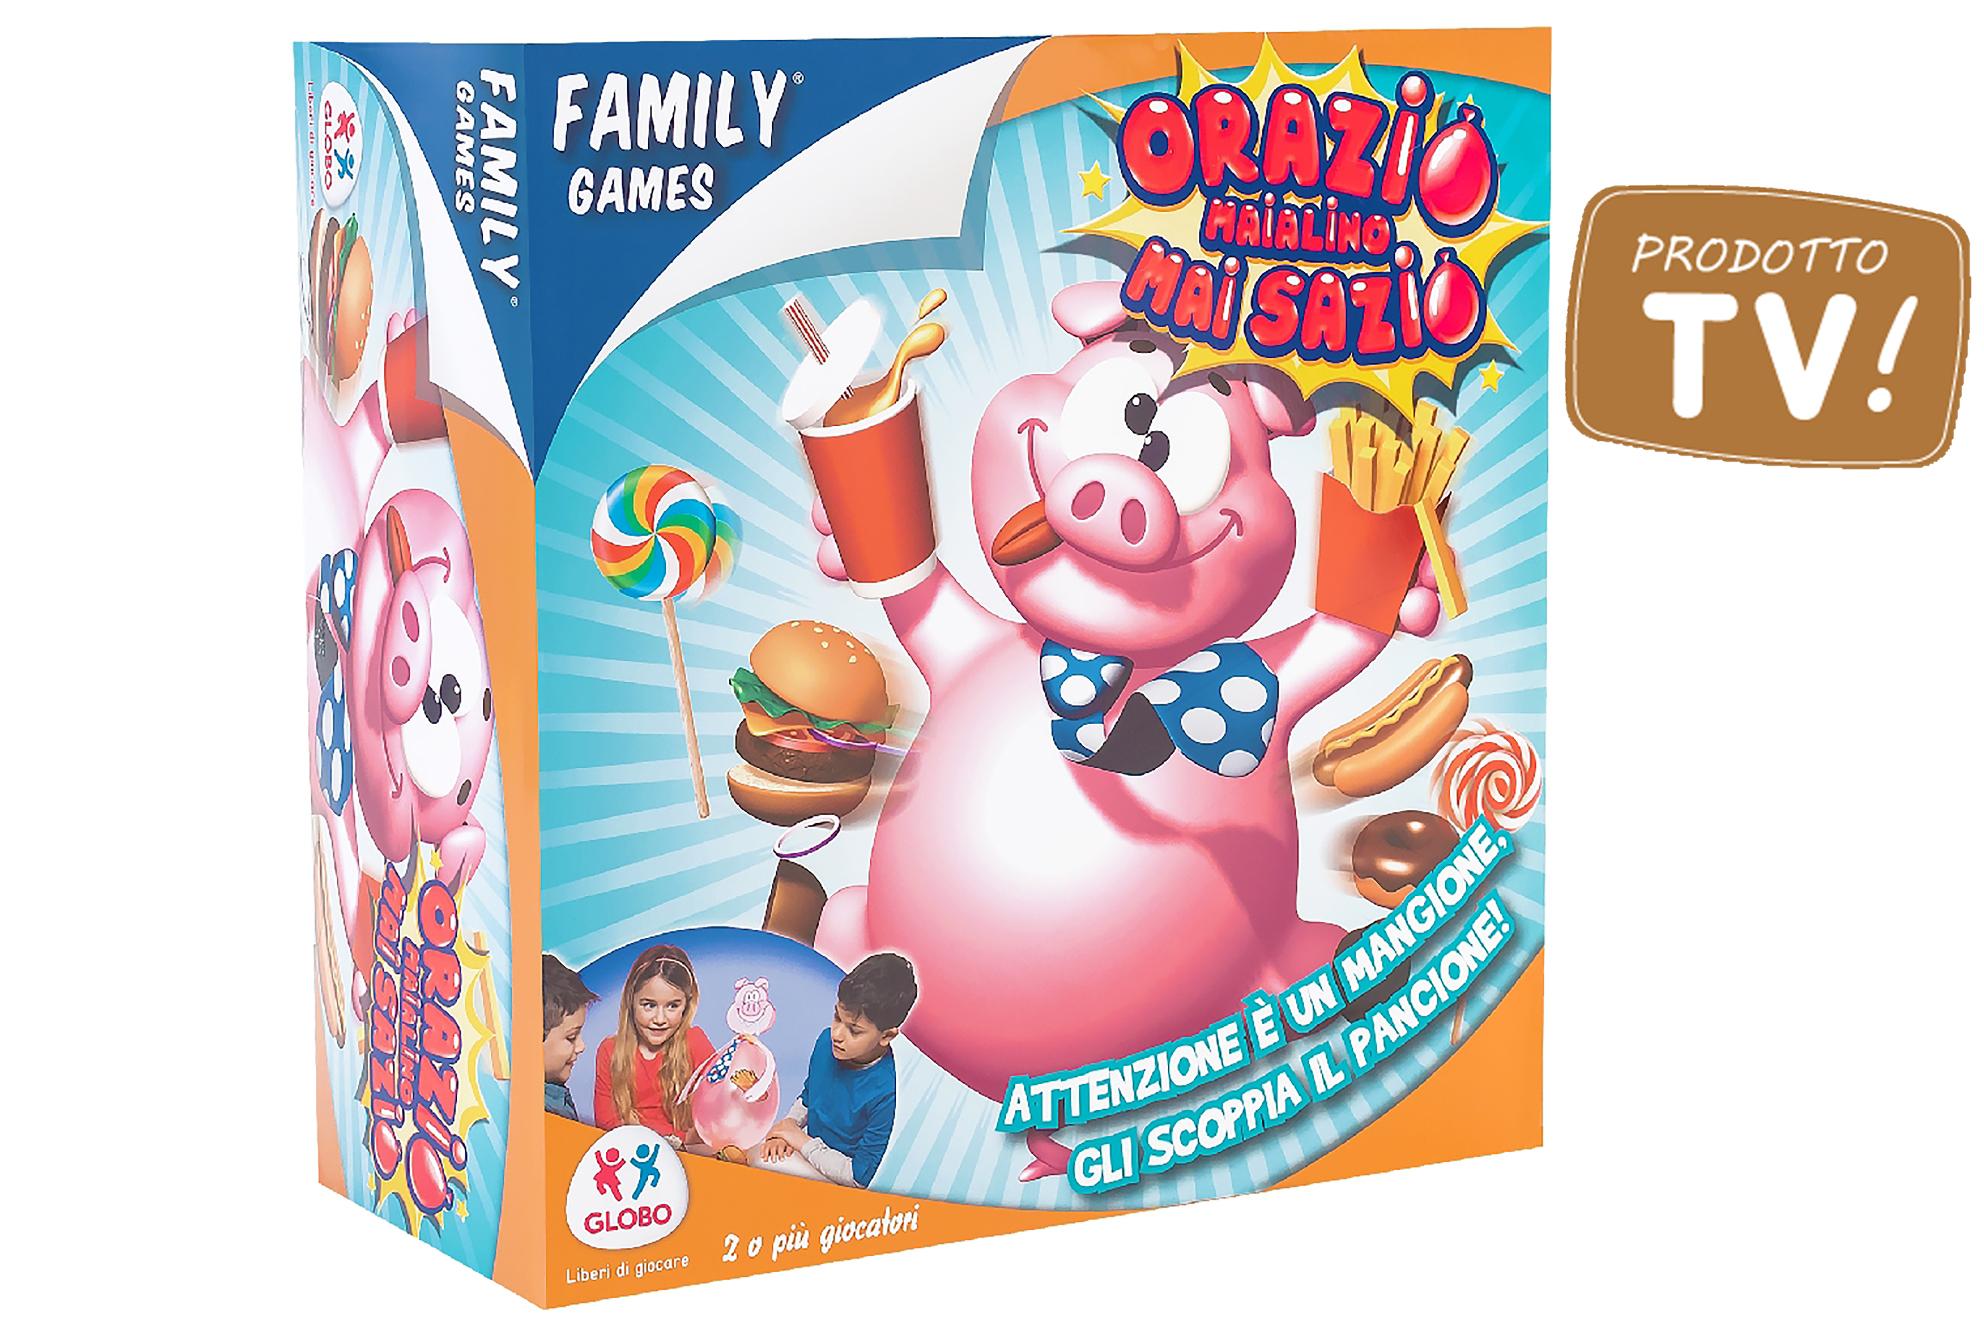 Family Games: Vito e Orazio